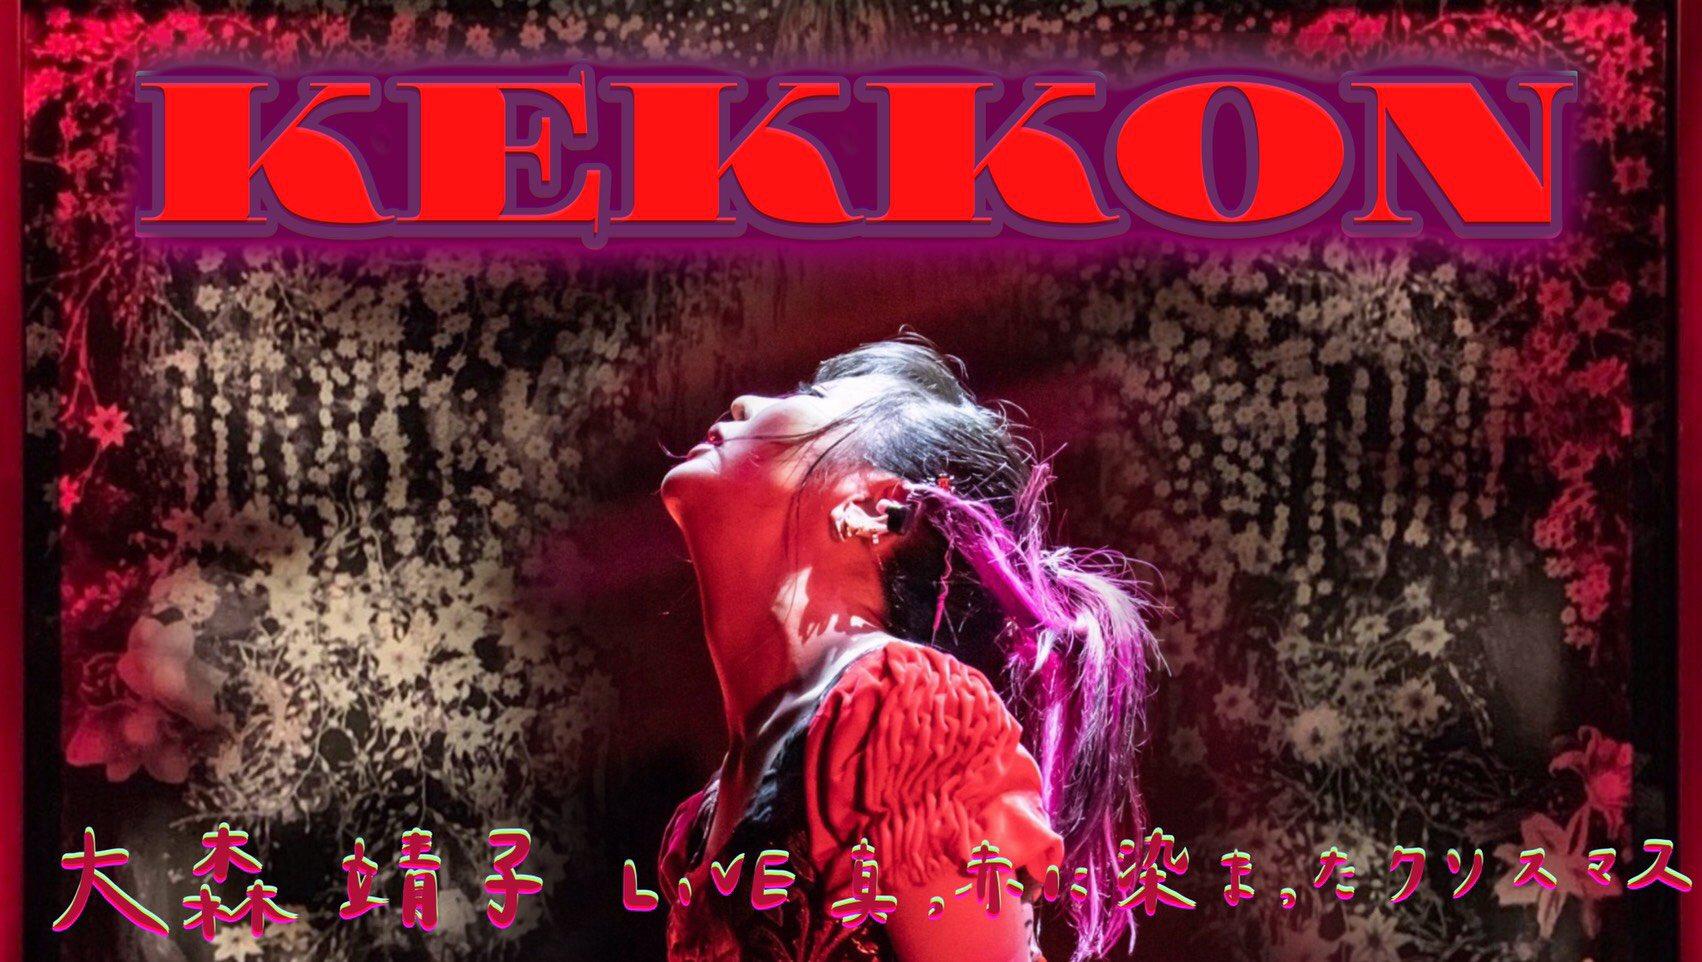 『大森靖子 - KEKKON』収録の『KEKKON』ジャケット